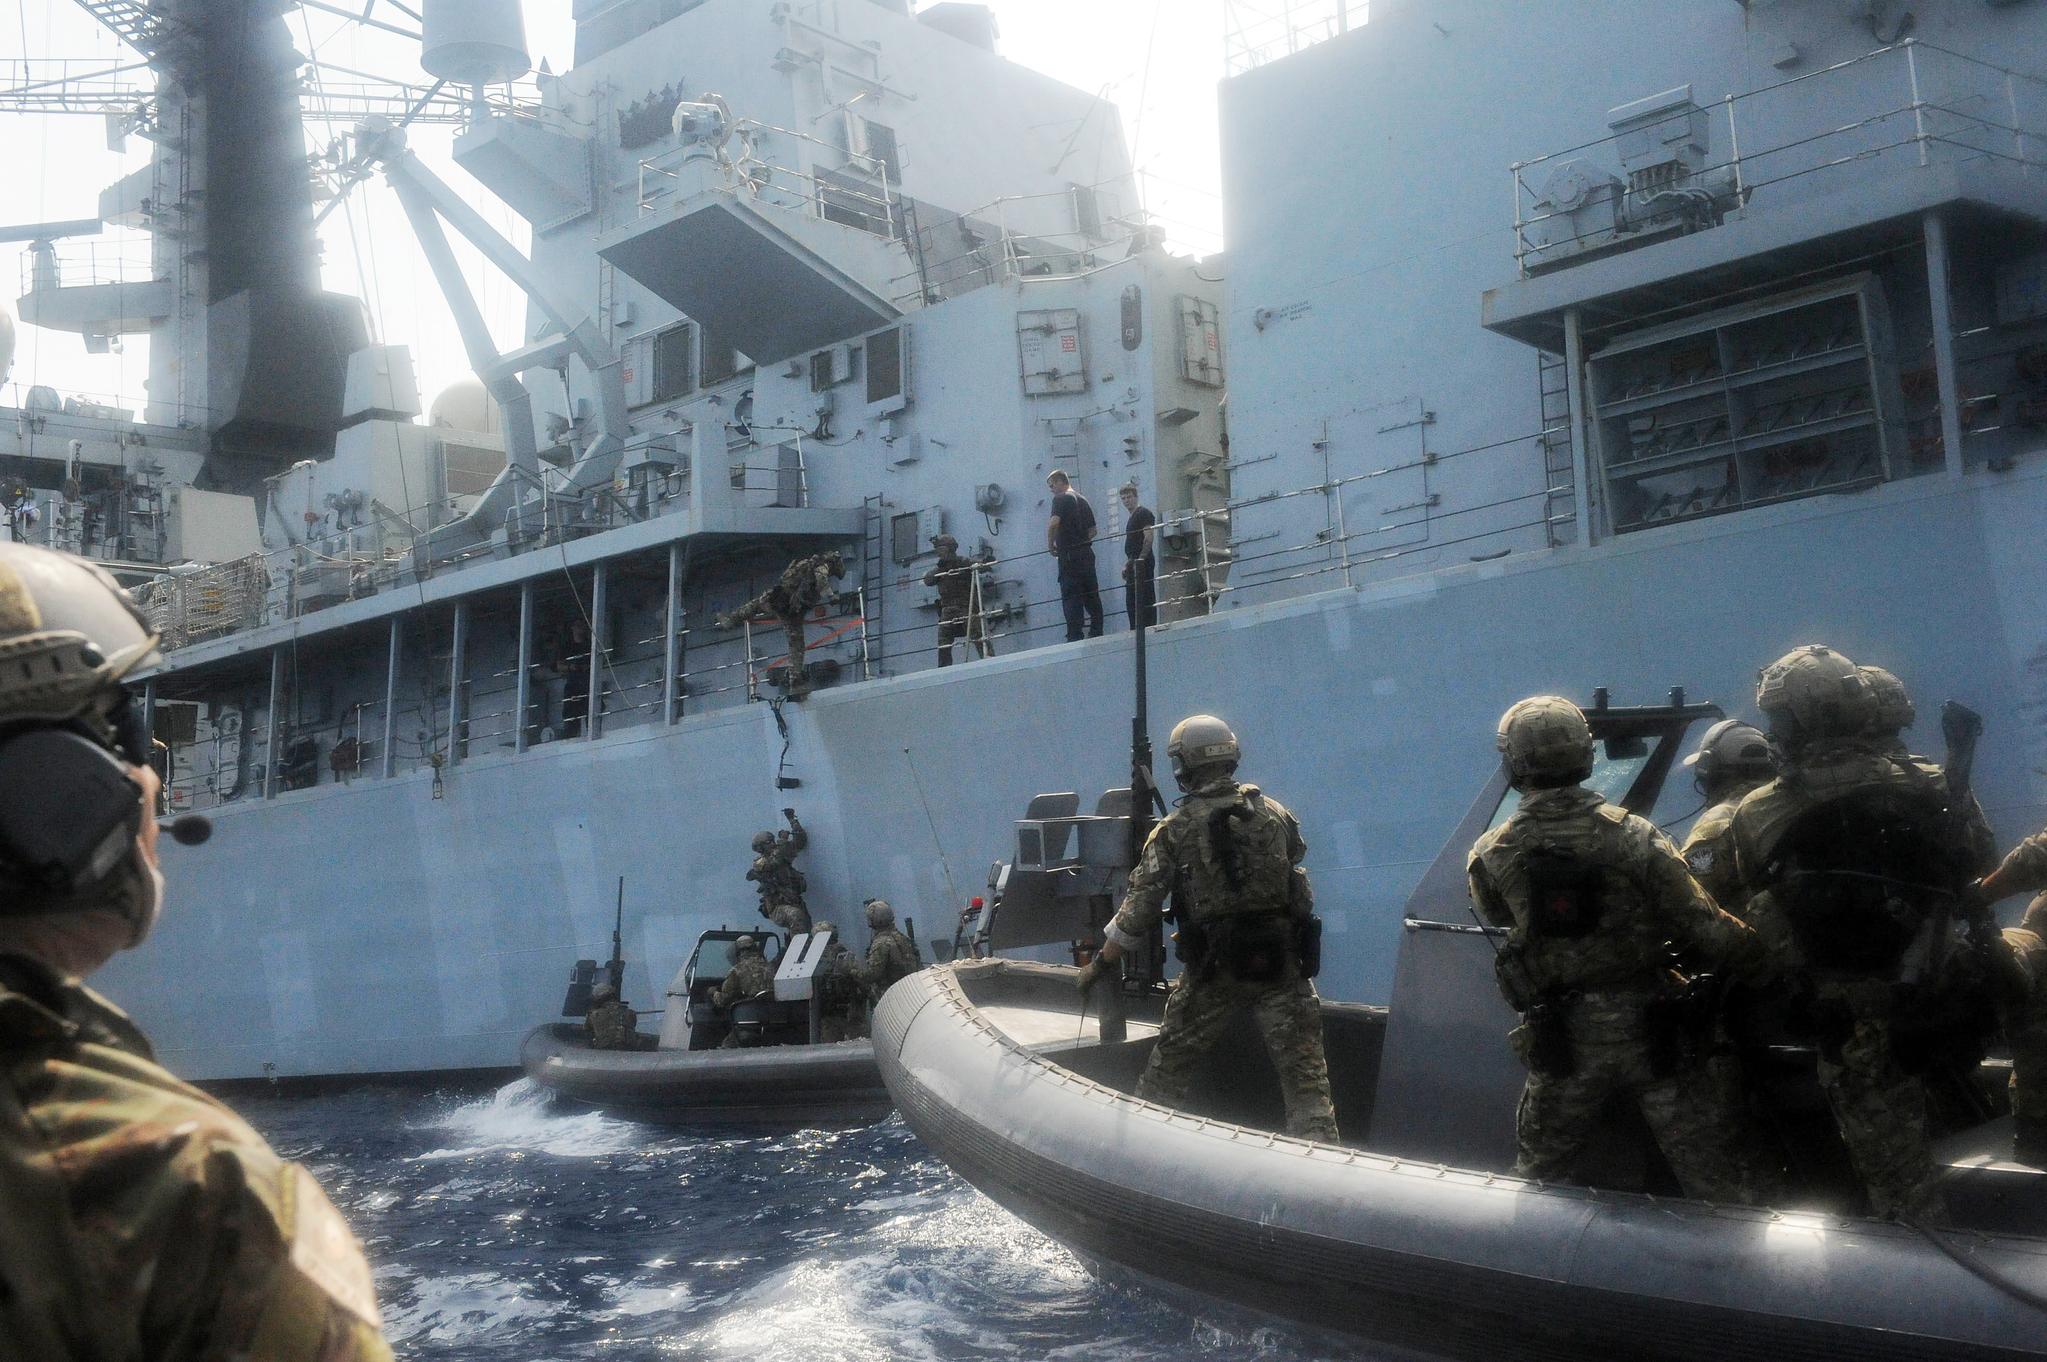 최영함에서 RIB(Rapid Inflatable Boat)을 타고 출동한청해부대 23진 검문검색대원들이 20일(현지시간) 아덴만에서 영국 몬머스함으로 접근하고 있다. [사진 합참]